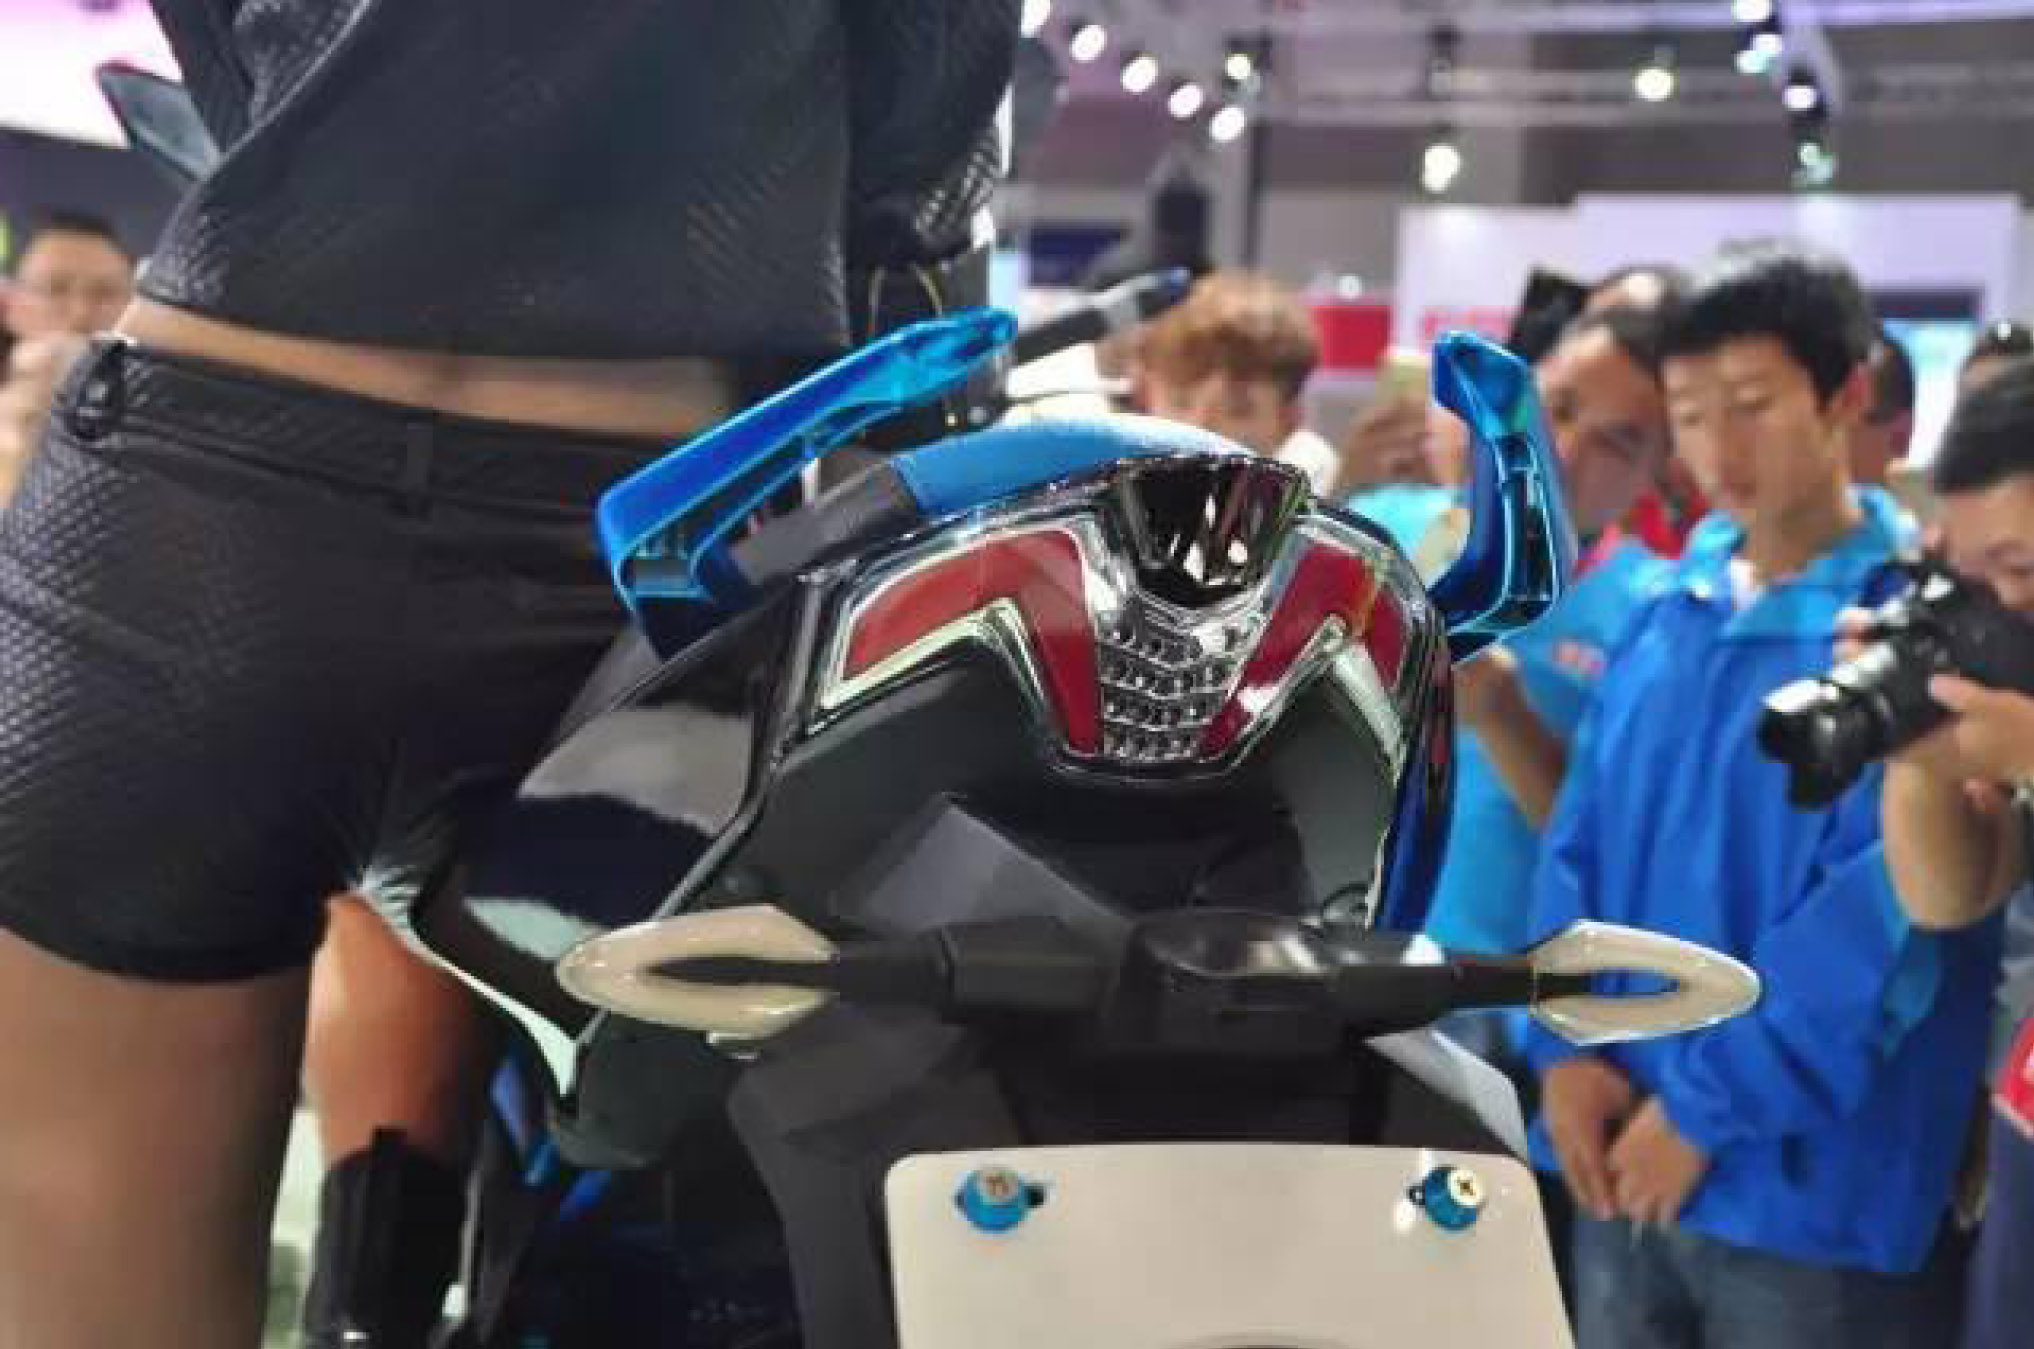 尾燈設計採用雙尾燈與折線設計,有著KYMCO 速克達的設計影子在內。(光陽提供)